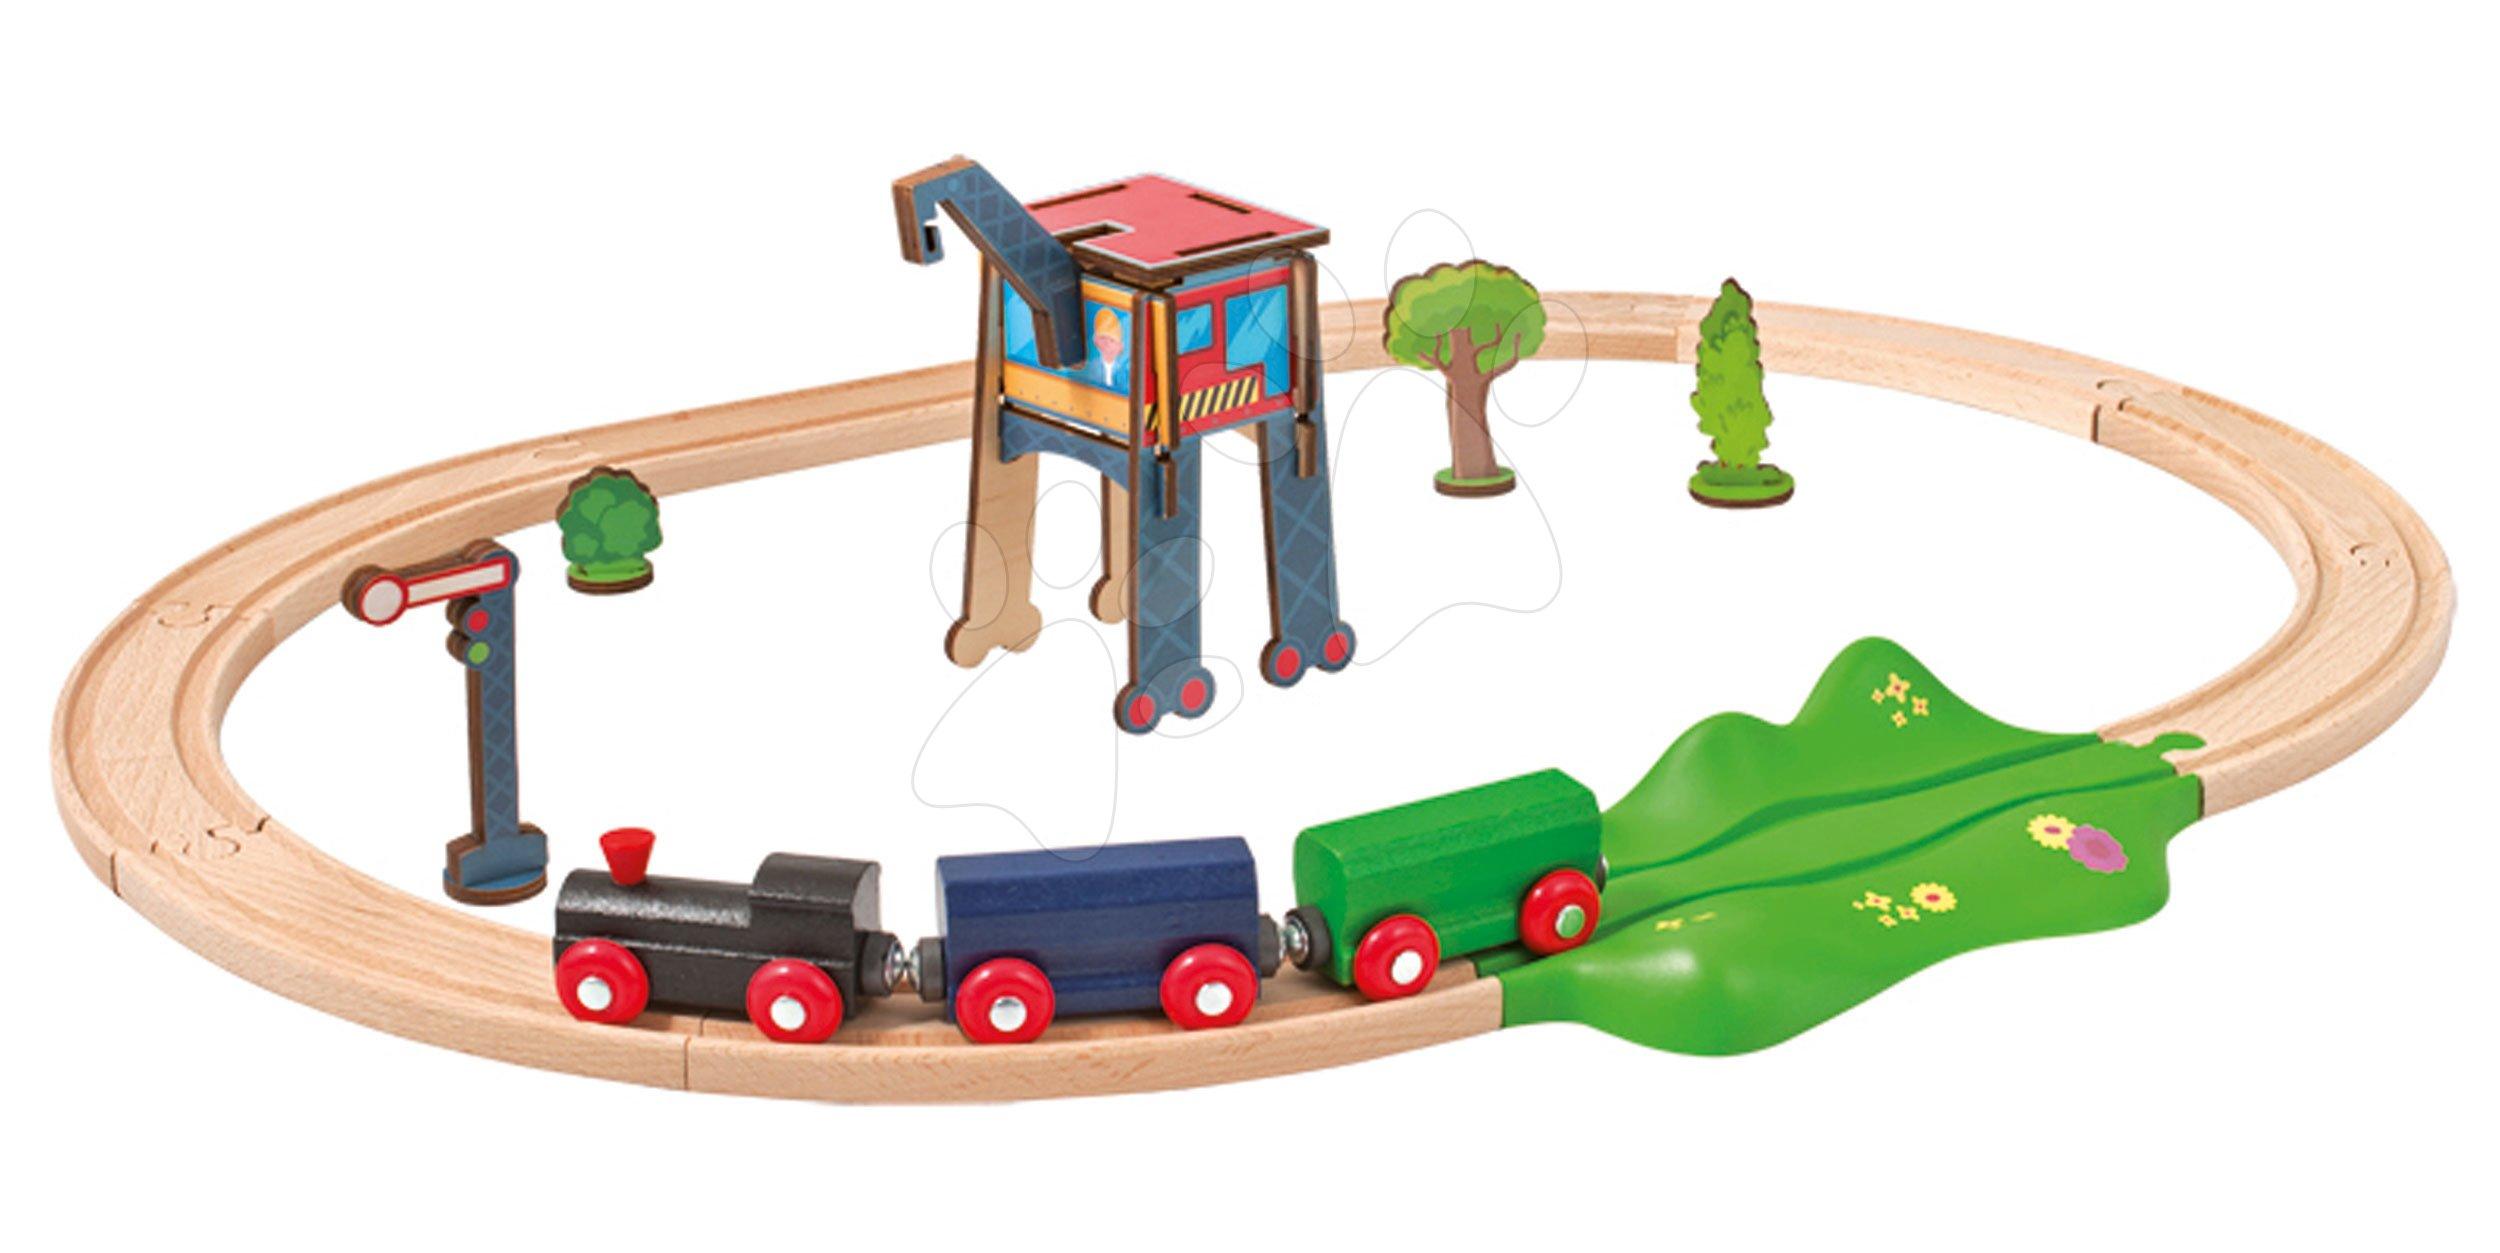 Cale ferată din lemn Train Oval Eichhorn cu trei vagoane pod și accesorii 18 piese 205 cm lungimea șinelor de la 3 ani